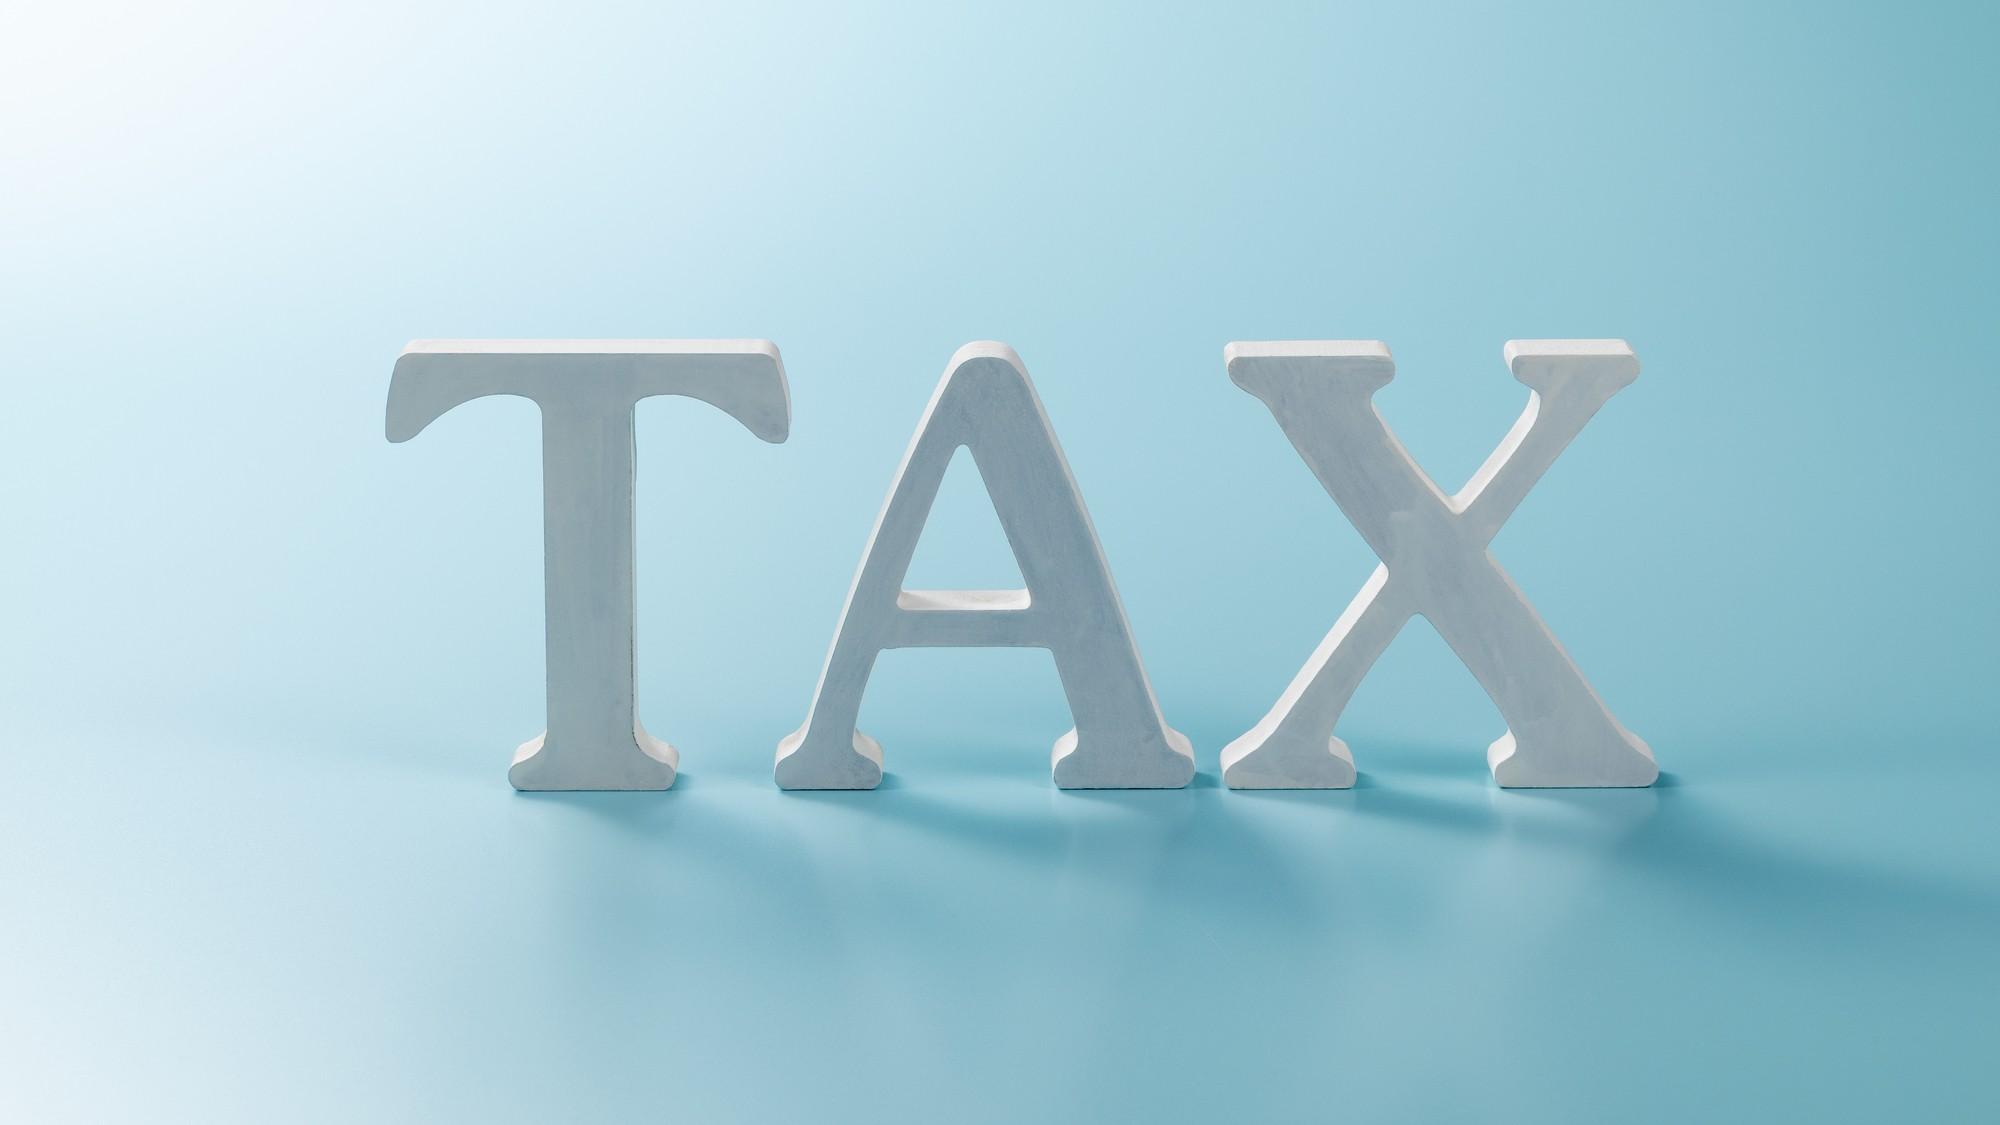 中小経営者なら知っておきたい「法人税」計算方法と軽減税率